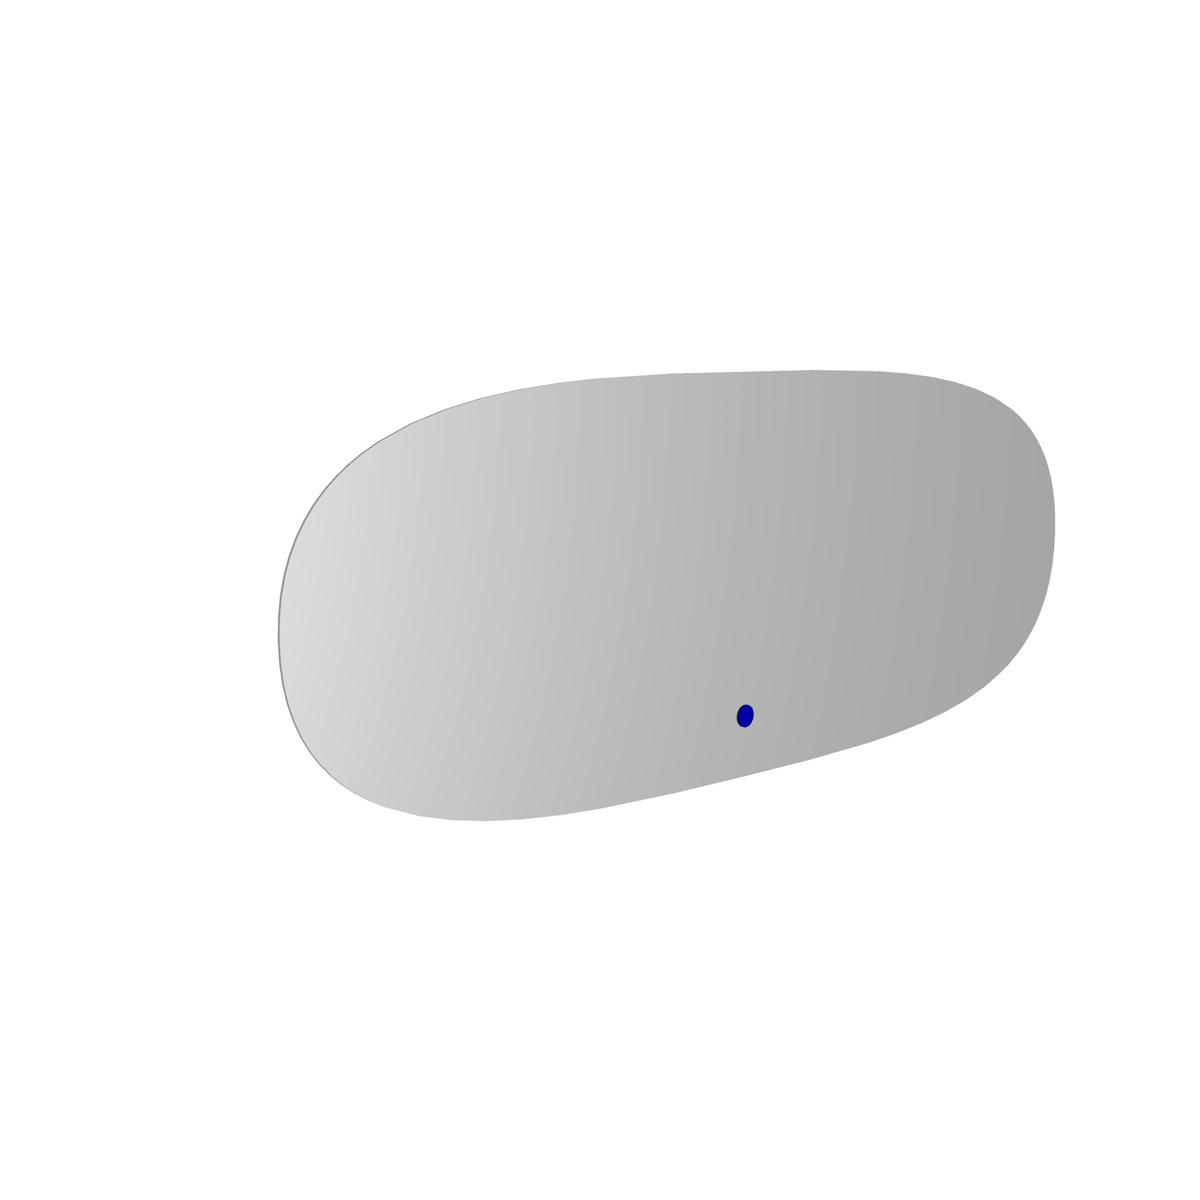 MIRROR Ovaler Spiegel 120x45